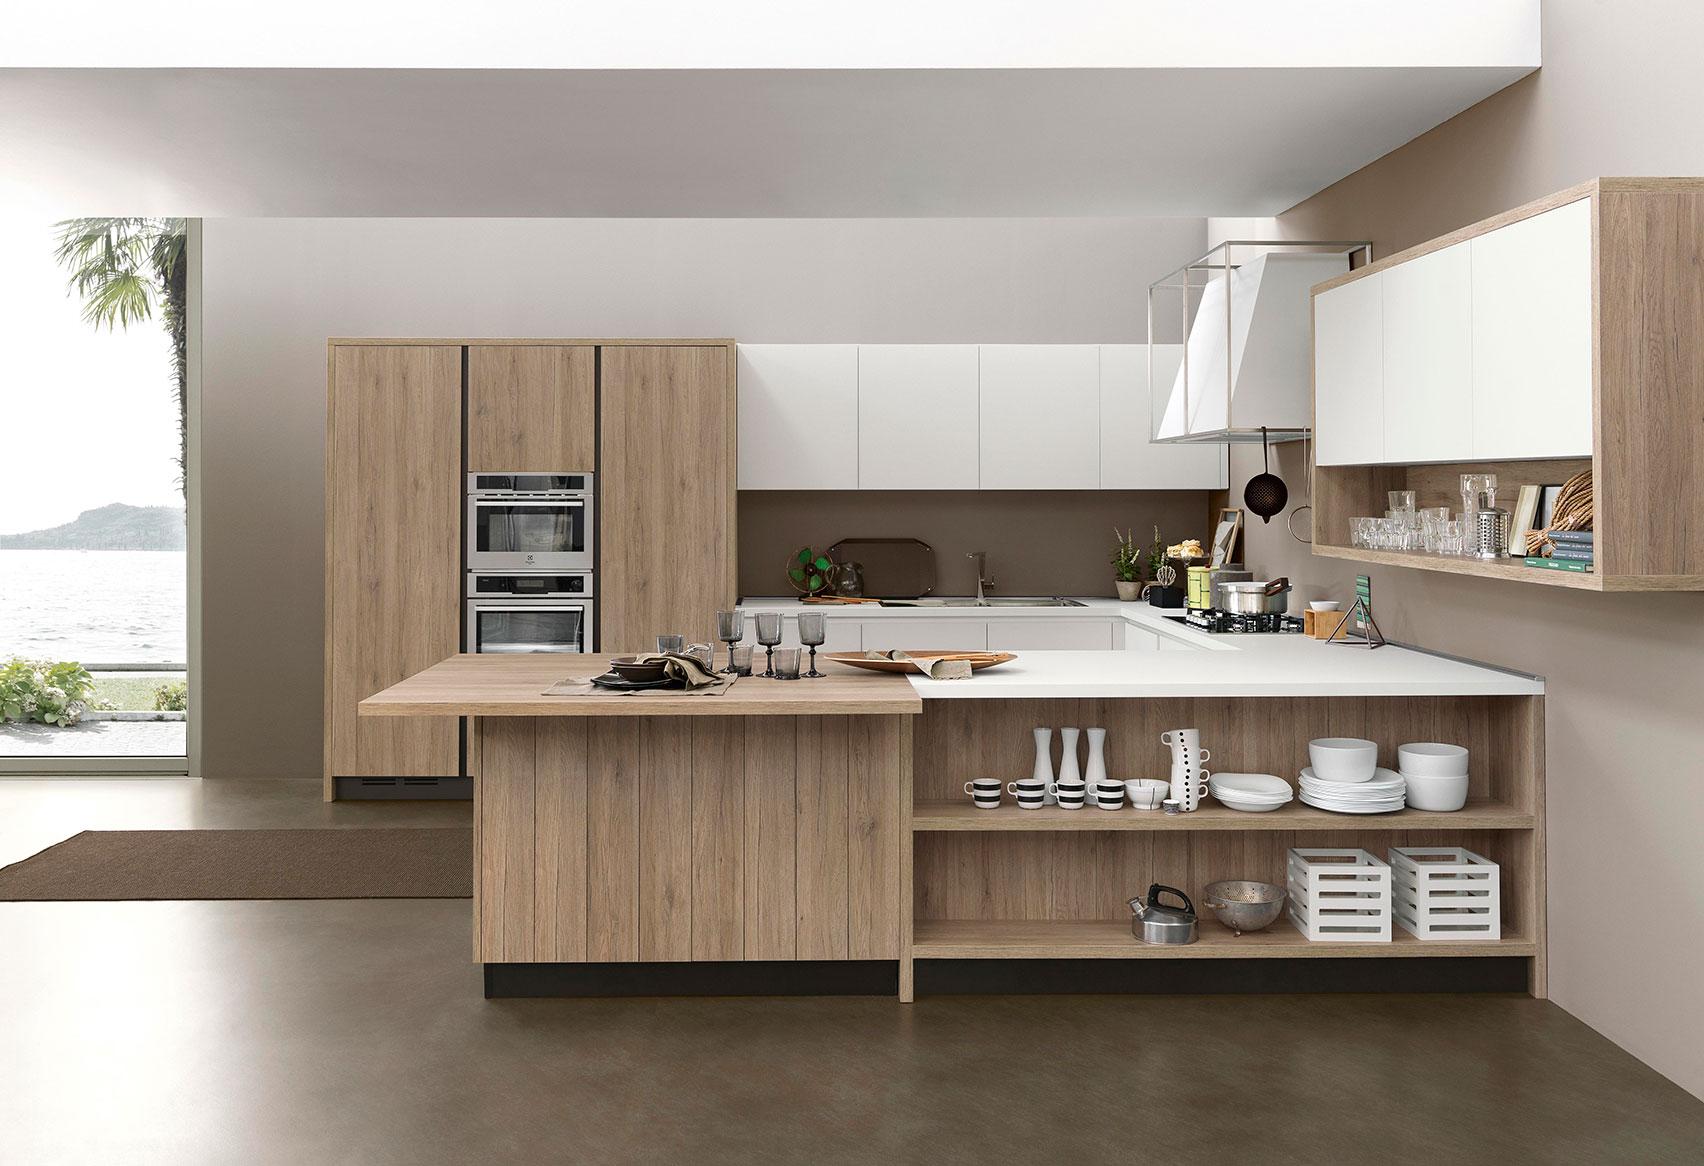 Decoracion de cocinas modernas en zaragoza blunni for Cocinas claras modernas